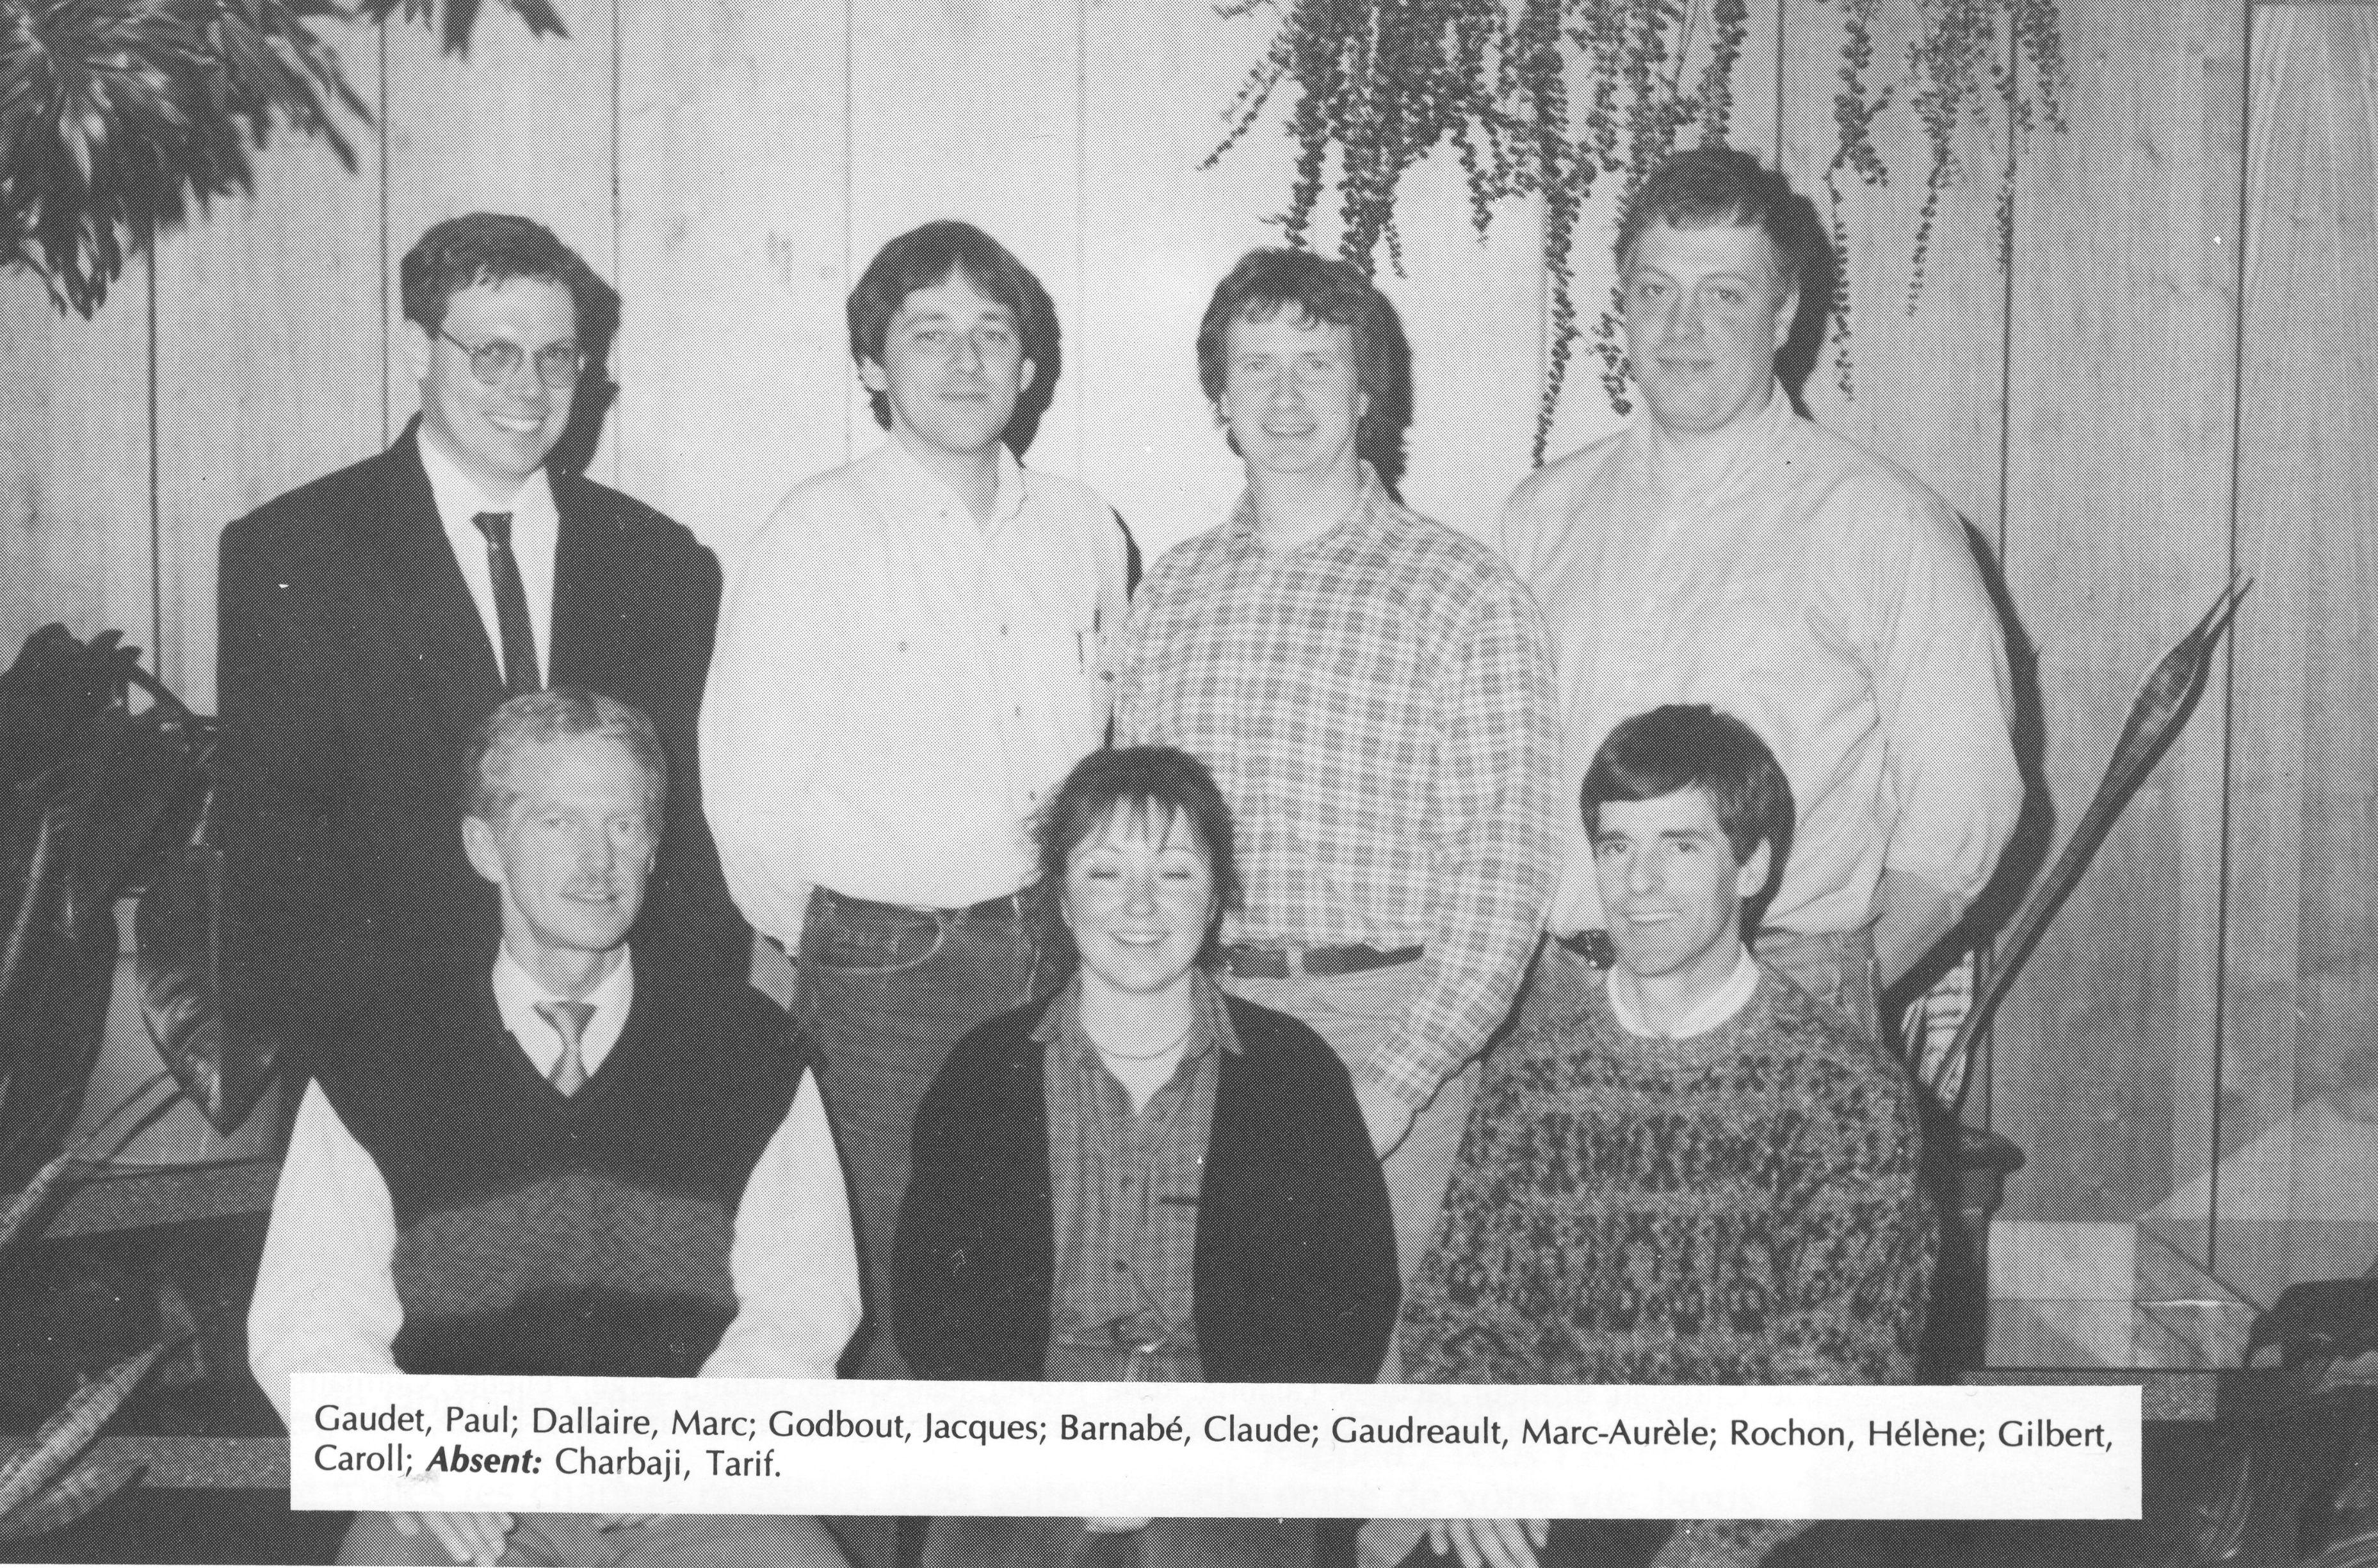 1994-Zootechnologie-Paul Gaudet-Marc Dallaire-Jacques Godbout-Claude Barnabé-Marc-Aurele Gaudreau